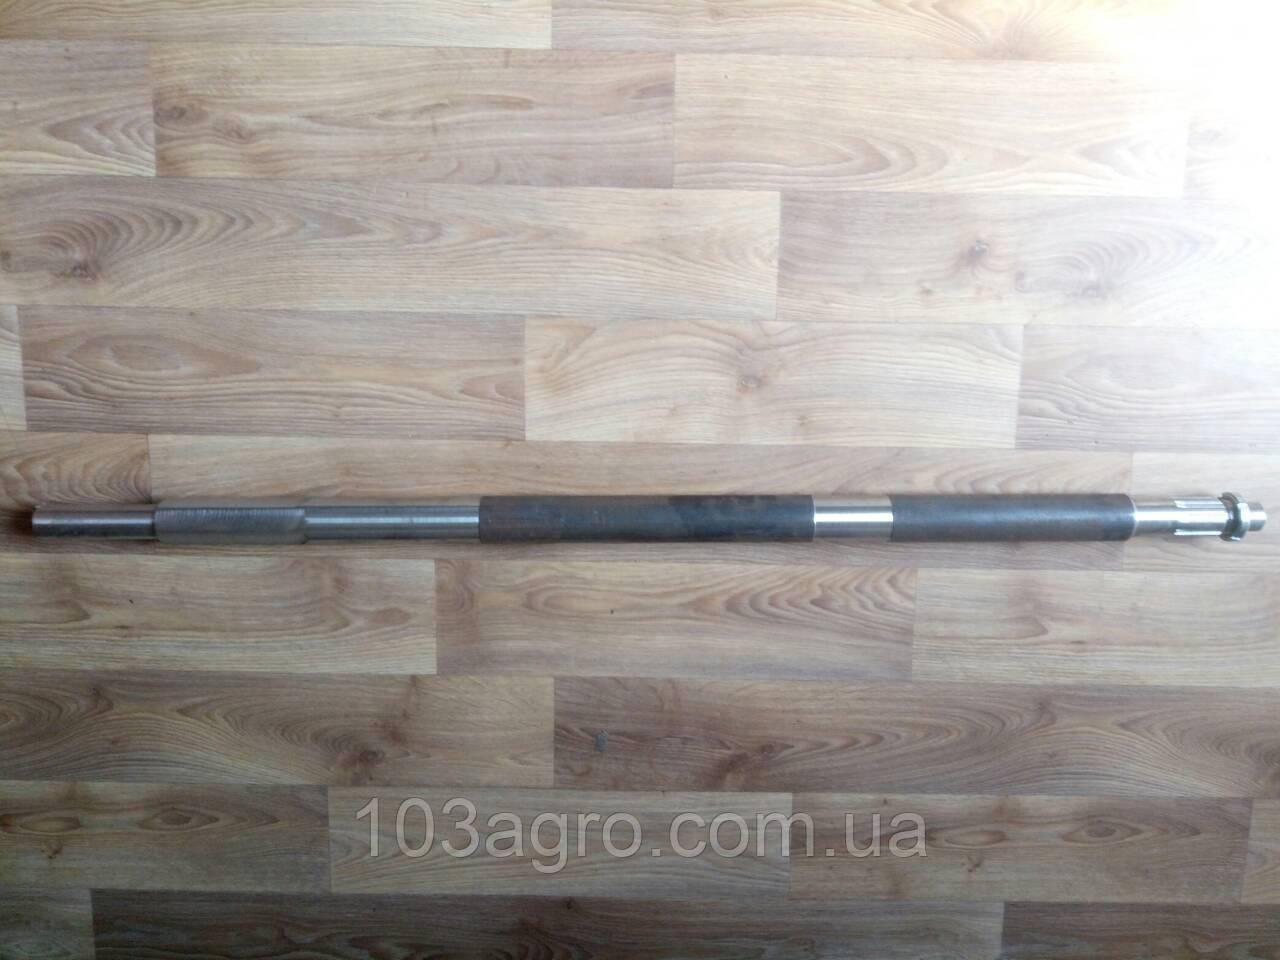 Вал грунтофрези 1.6м. Bomet (оригінал)